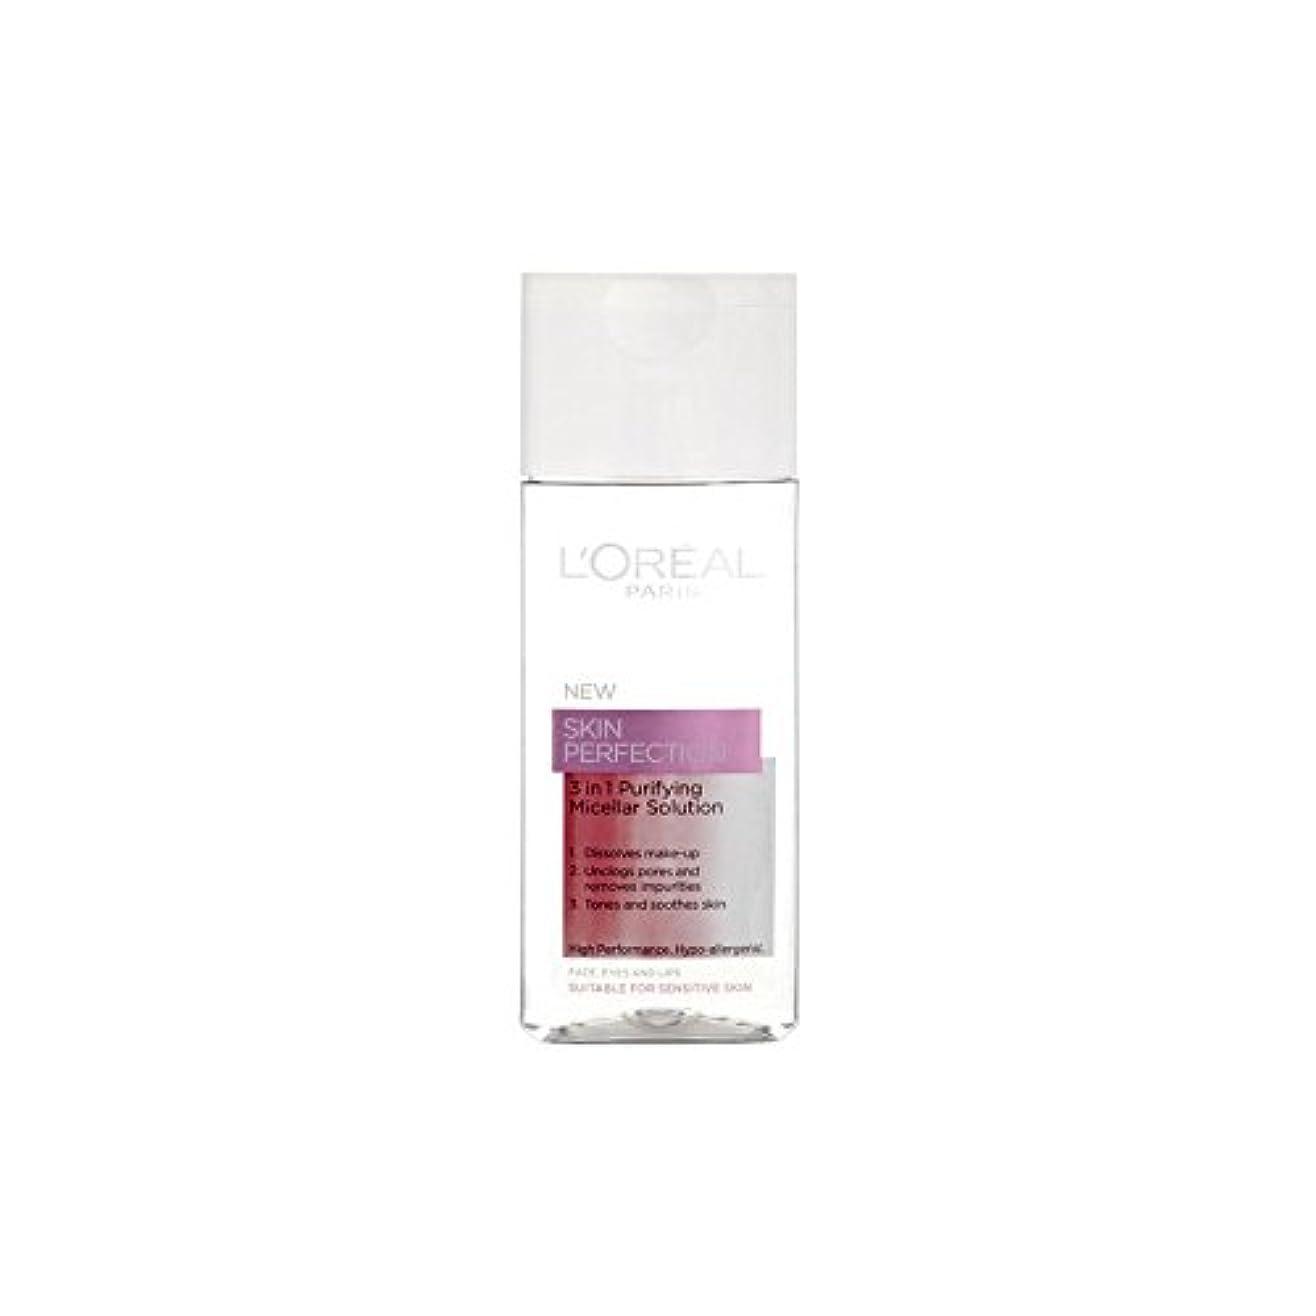 量で盗難主に1つの精製ミセル溶液中ロレアルパリ?ダーモ専門知識の皮膚完璧3(200ミリリットル) x2 - L'Oreal Paris Dermo Expertise Skin Perfection 3 In 1 Purifying...